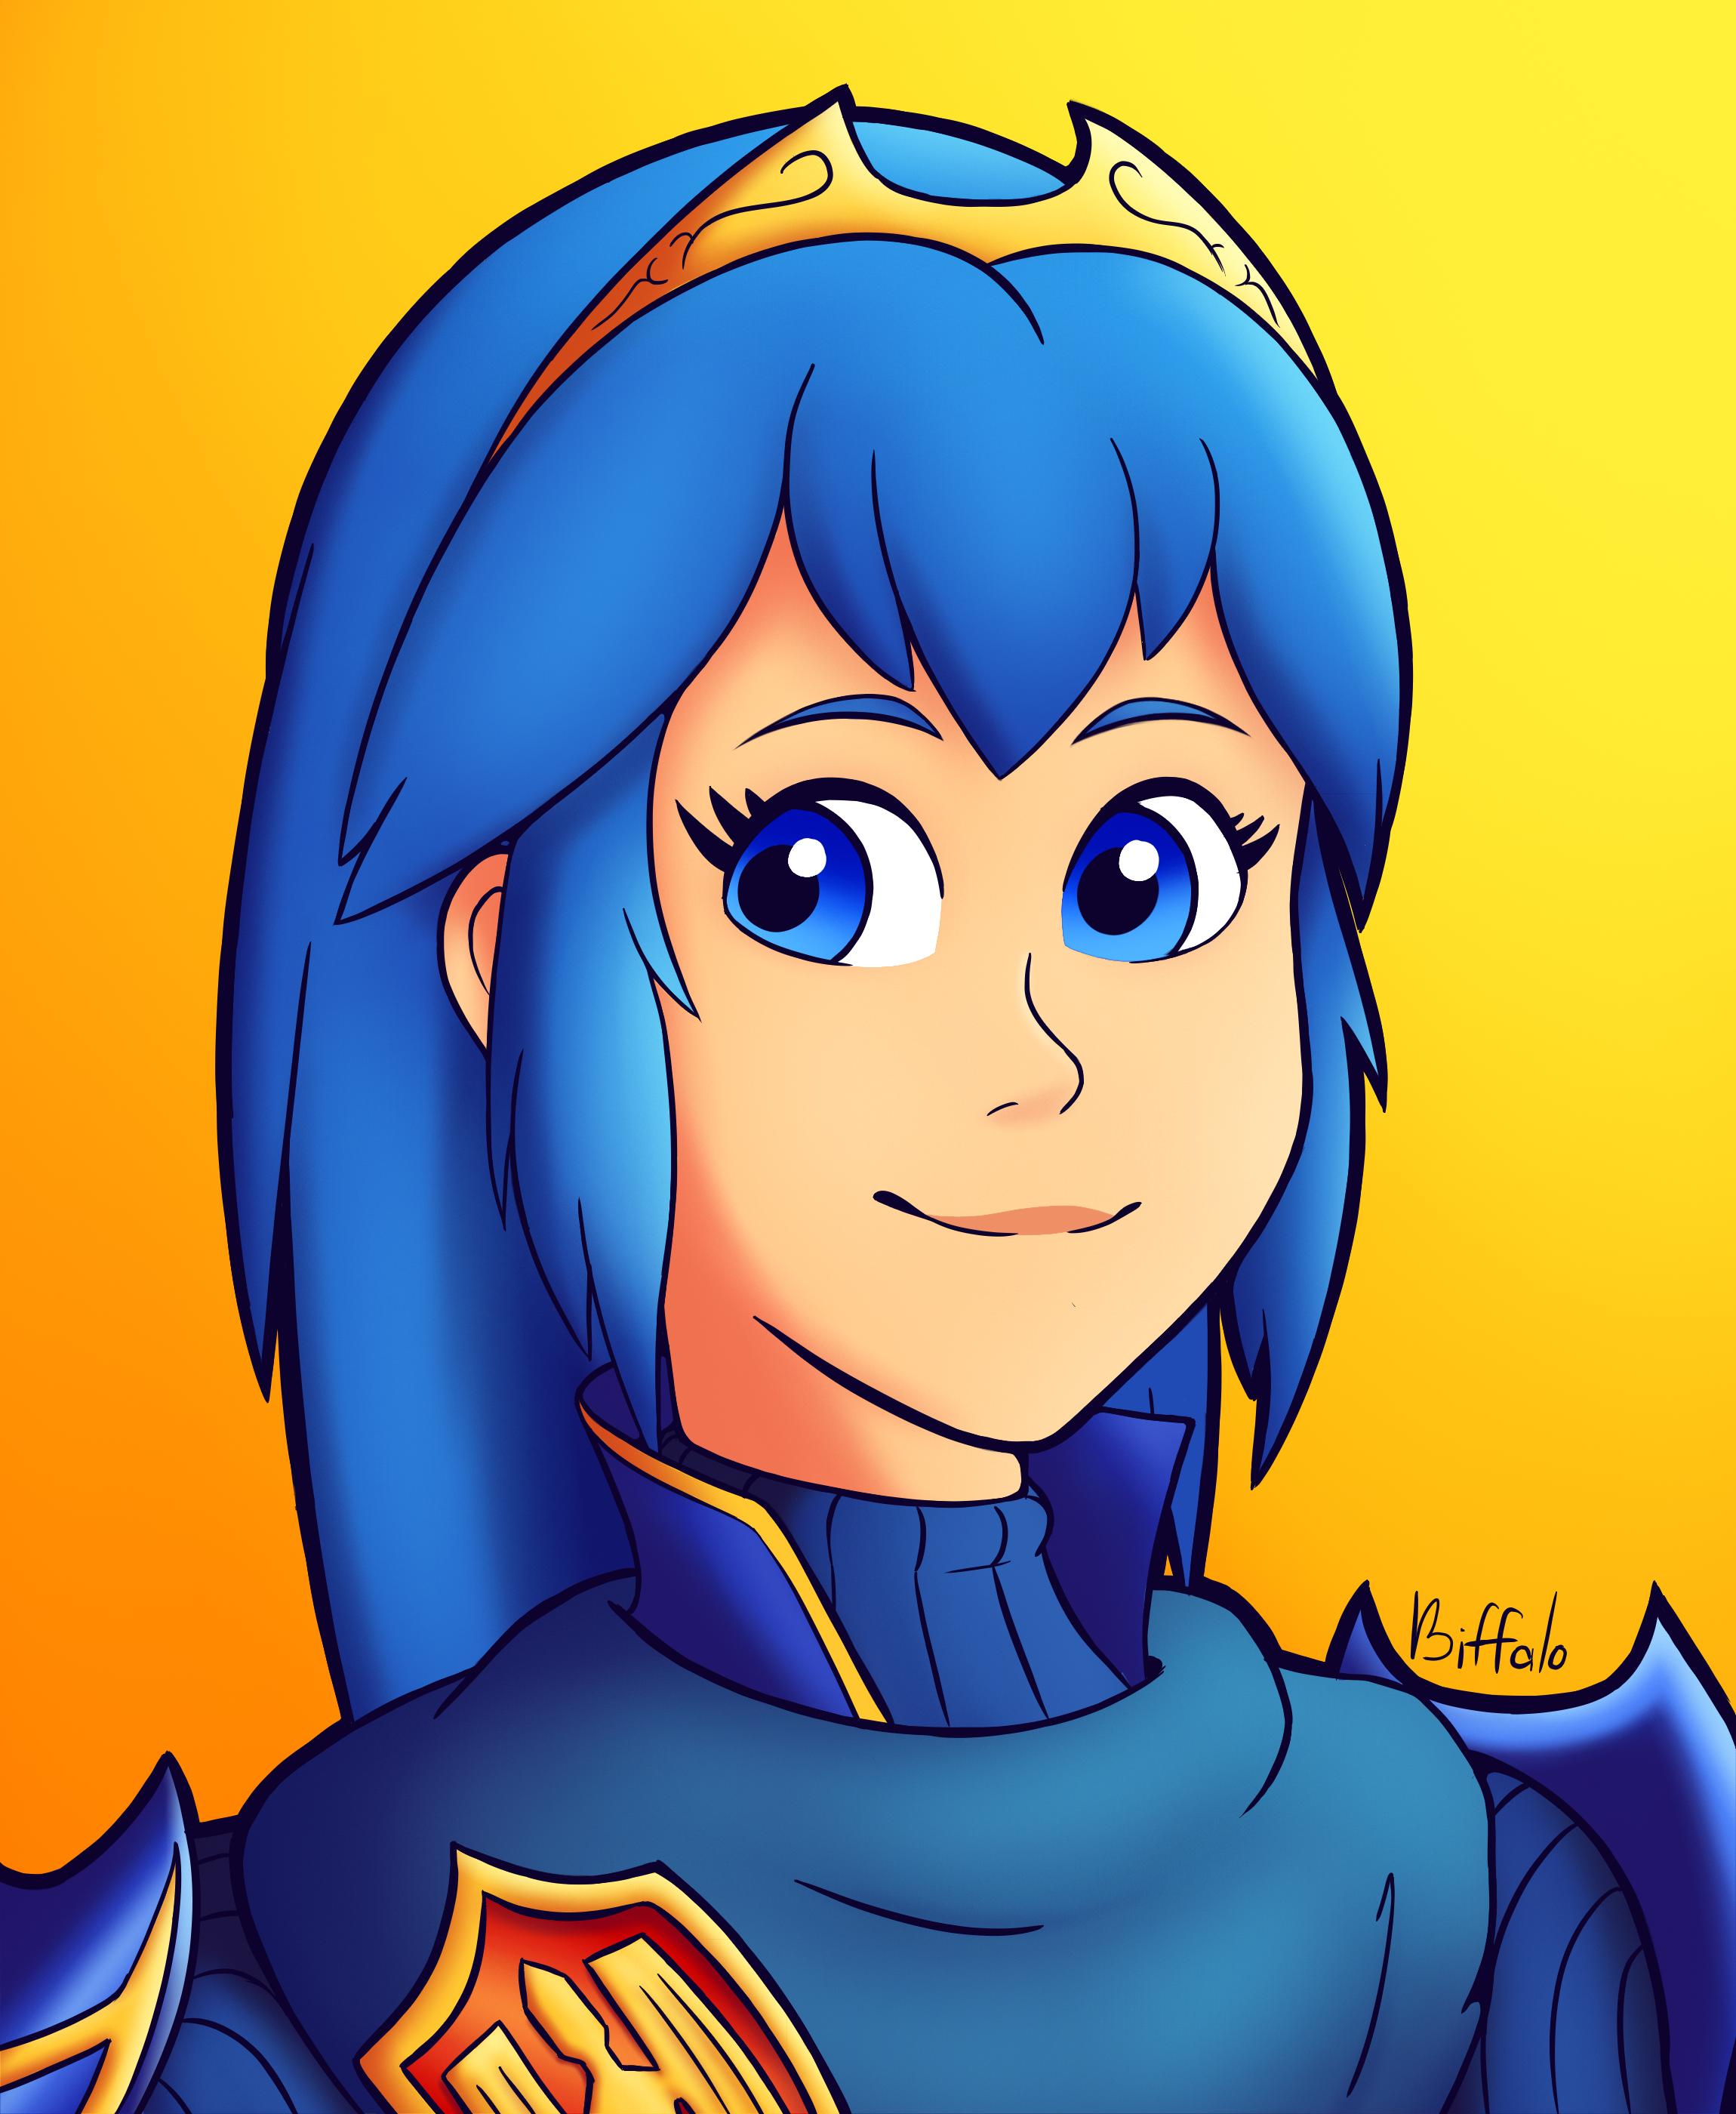 Blue Hair Waifu